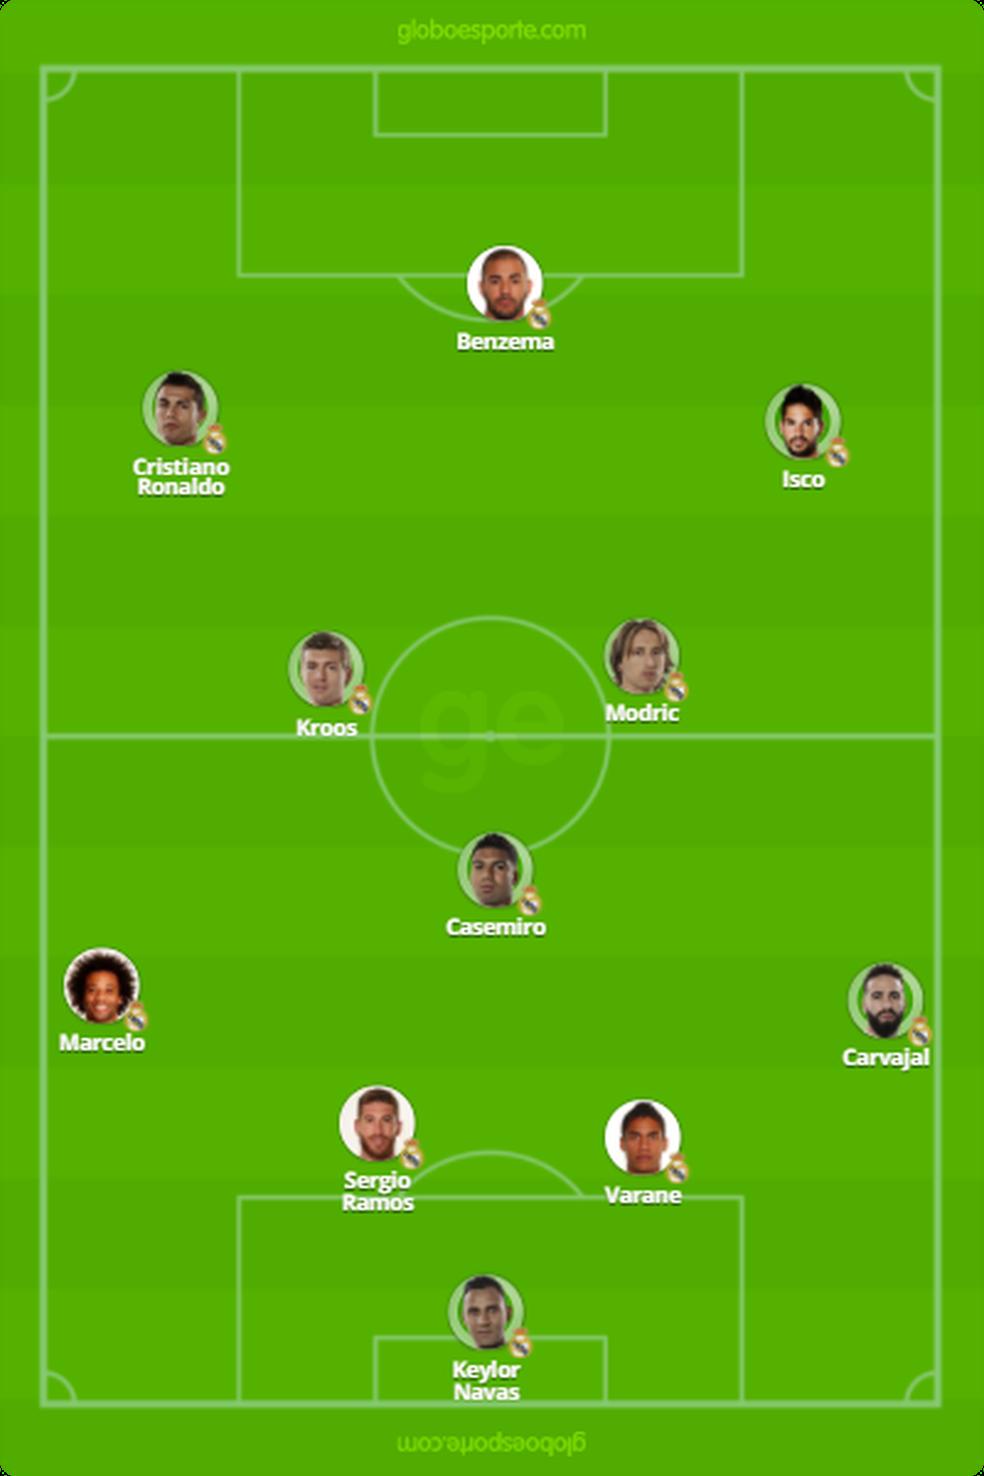 Provável time do Real Madrid para a final (Foto: Reprodução)